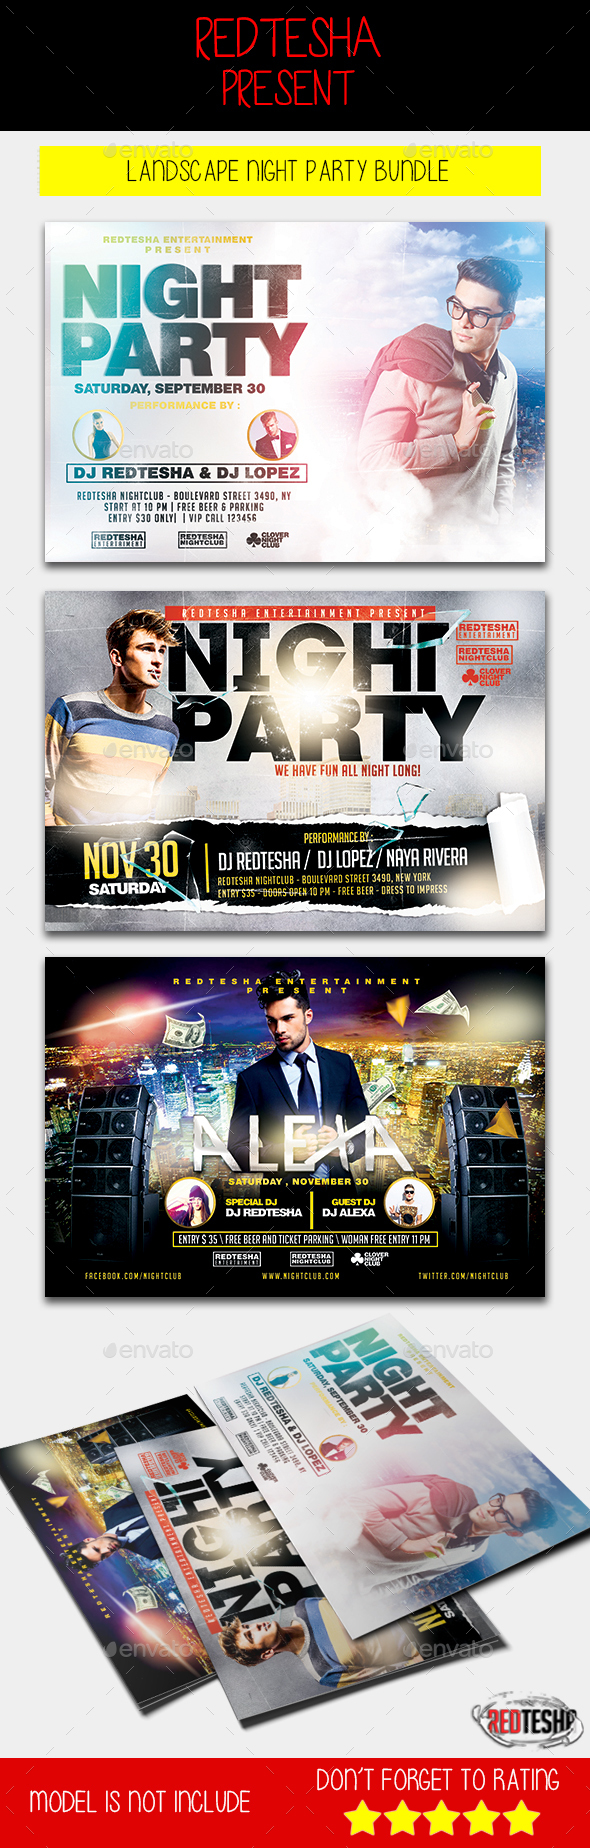 Landscape Night Party Flyer Bundle - Clubs & Parties Events